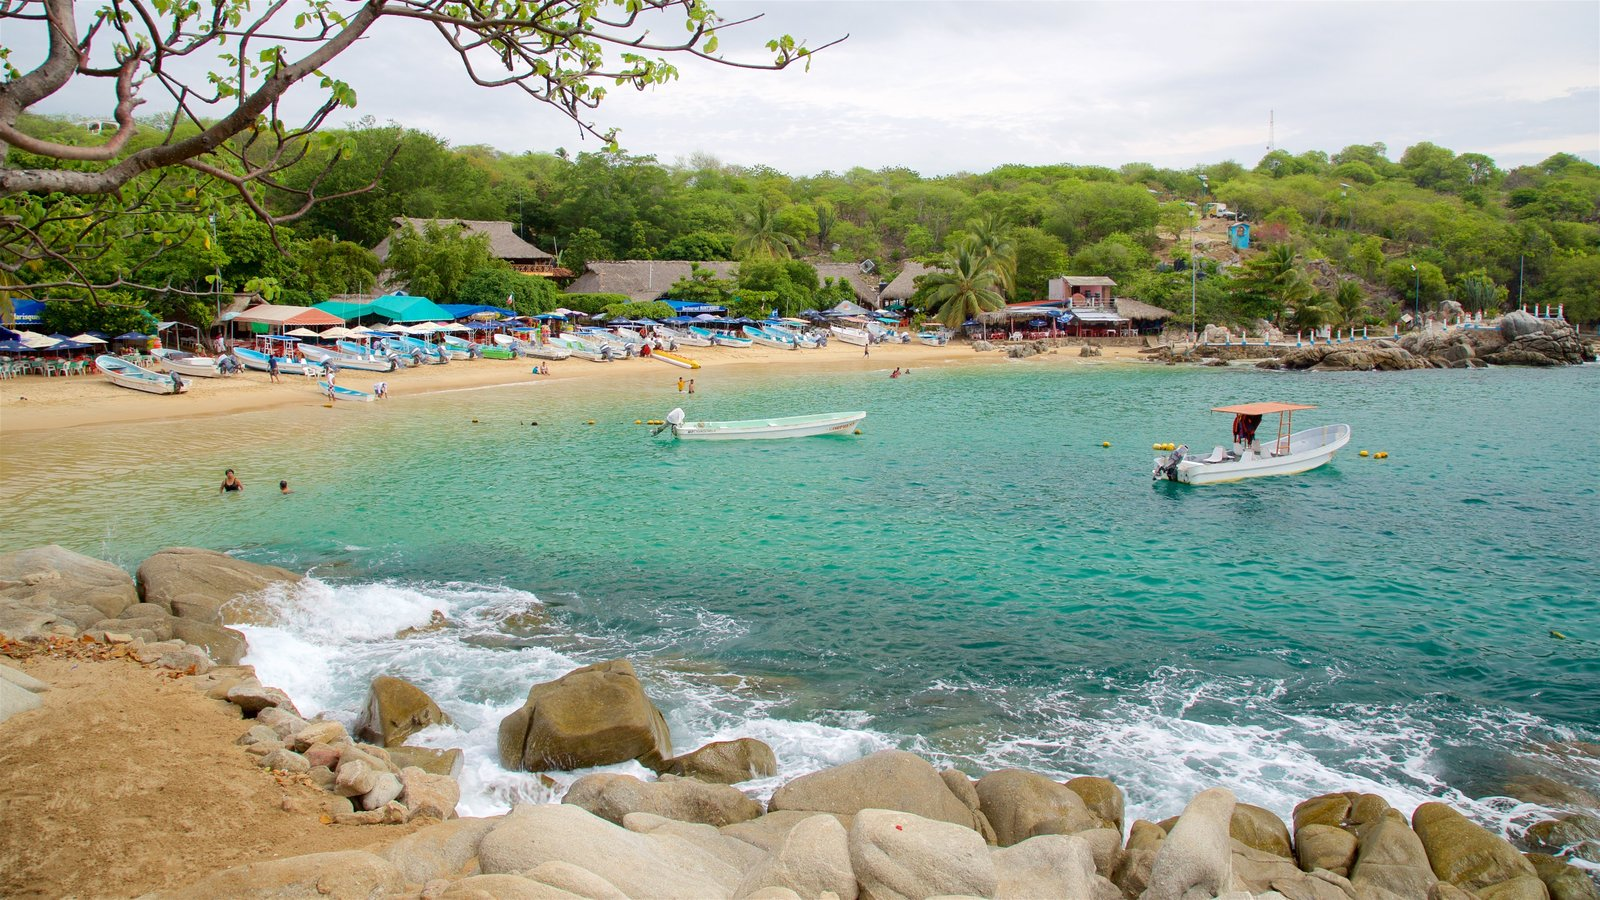 Playa Puerto Angelito mostrando escenas tranquilas, una playa y vistas generales de la costa